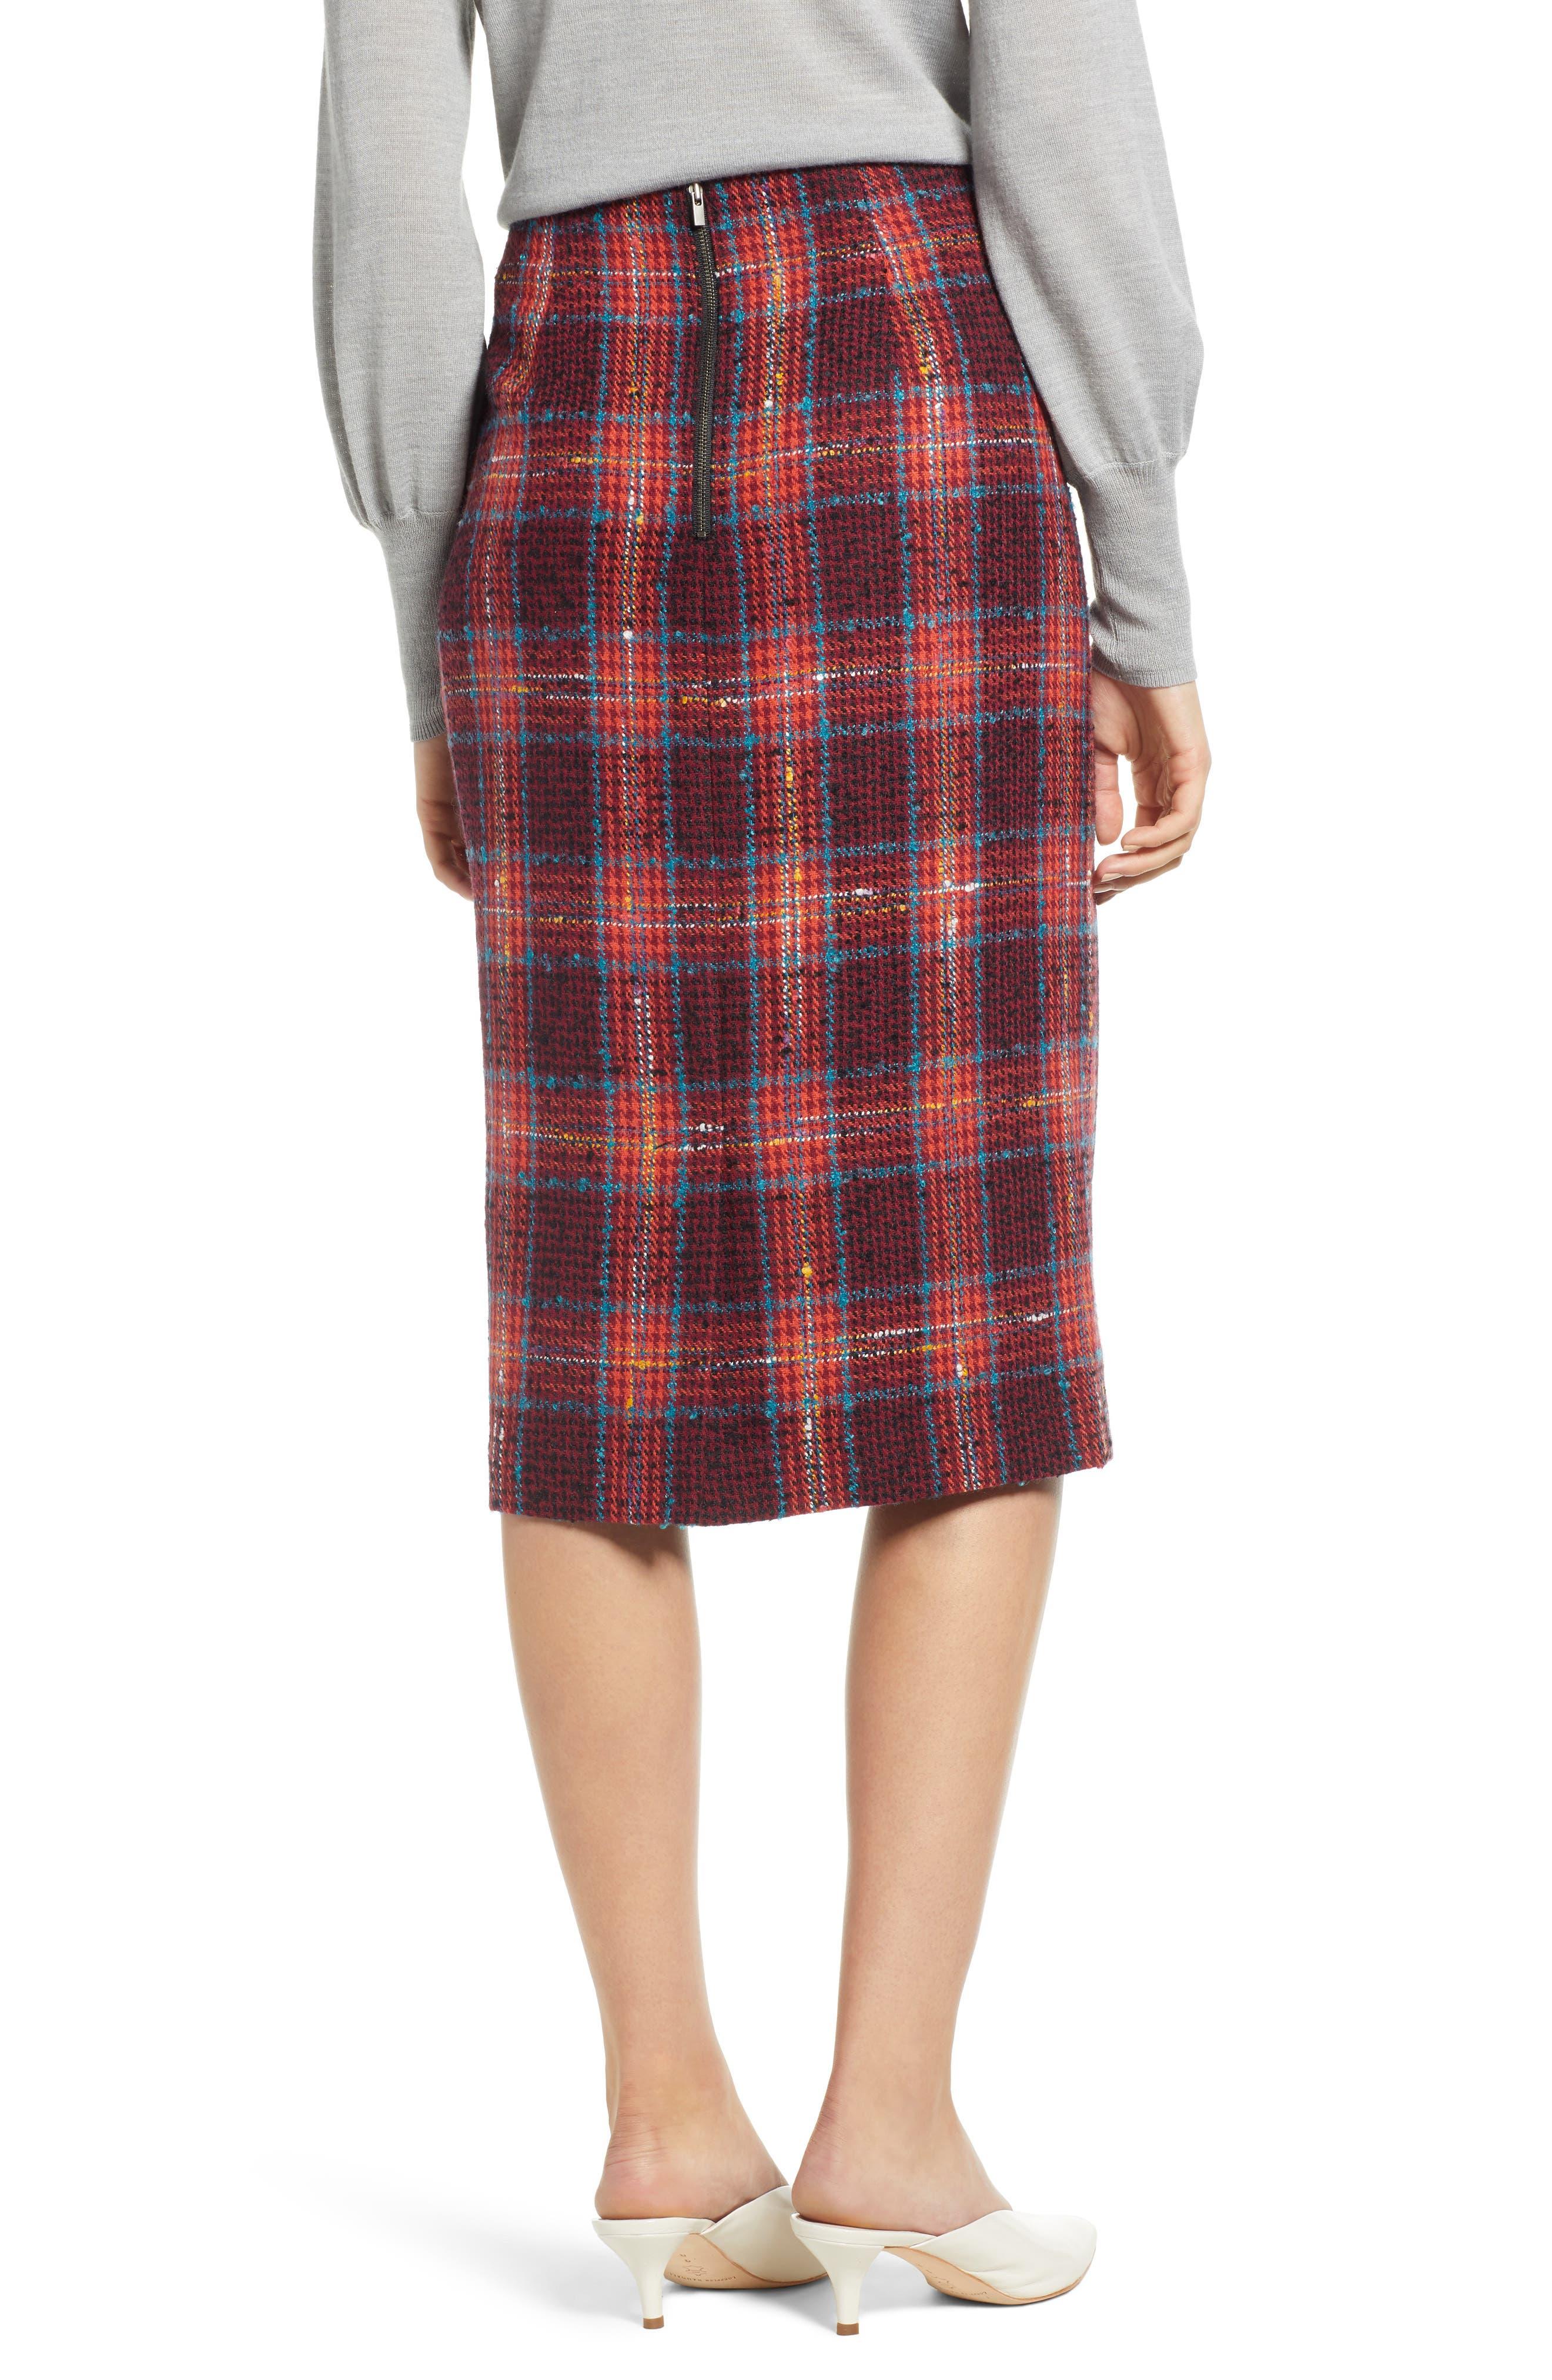 Plaid Tweed Pencil Skirt,                             Alternate thumbnail 2, color,                             RED MULTI PLAID